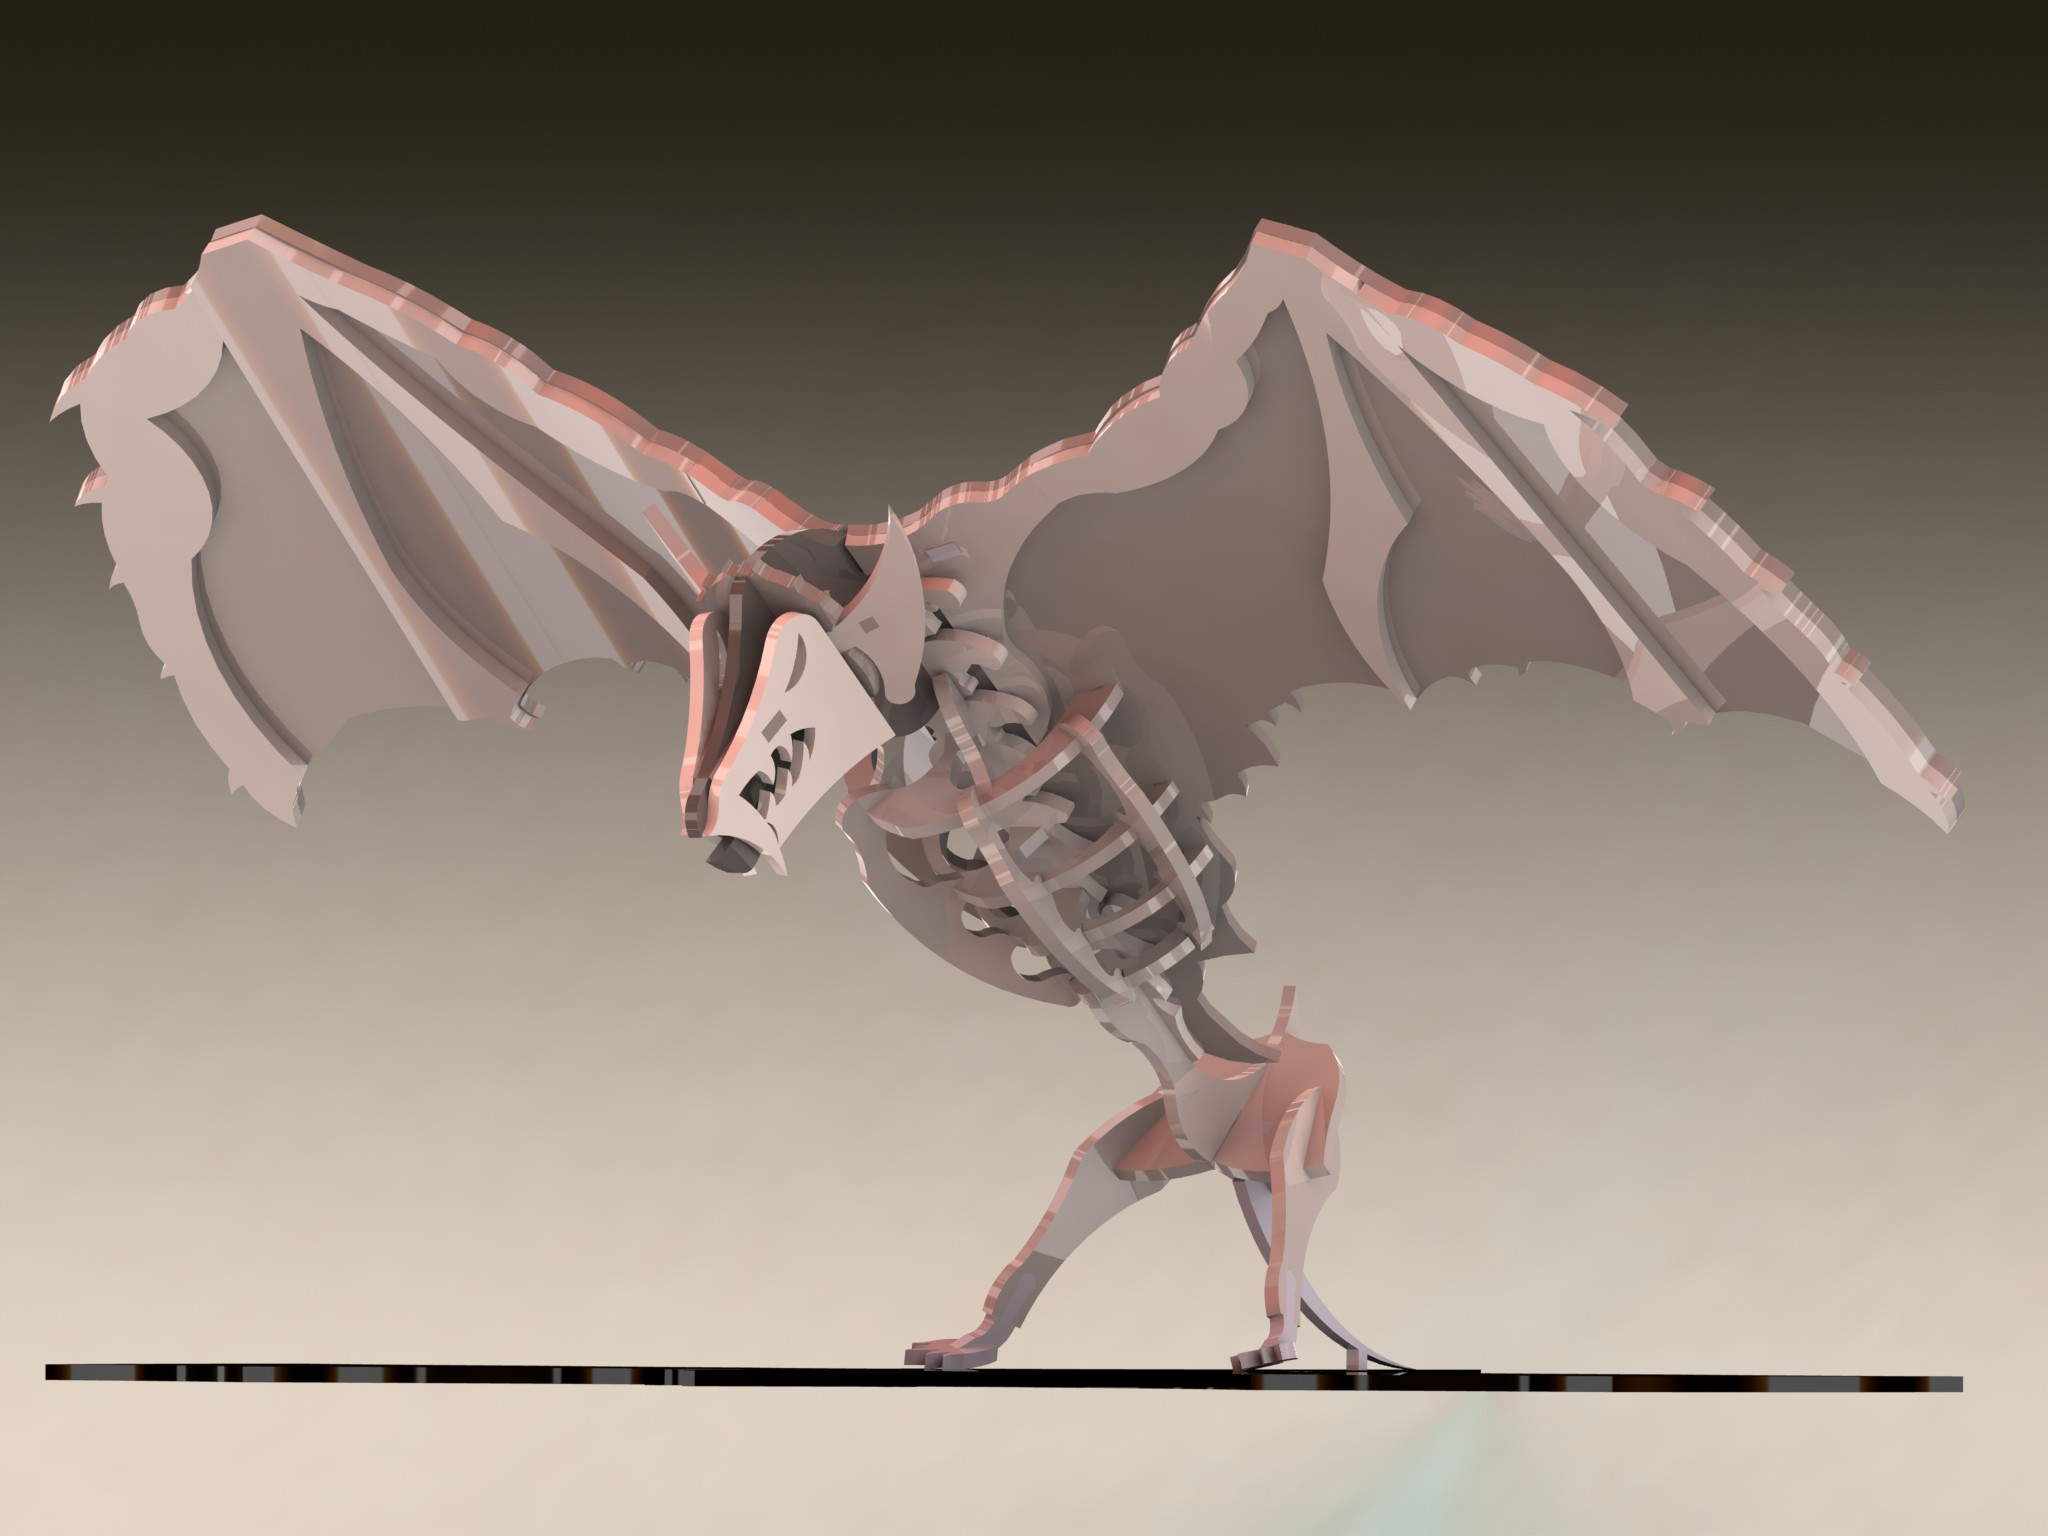 蝙蝠立体拼装金属模型3D图纸 Solidworks设计 附STEP IGS